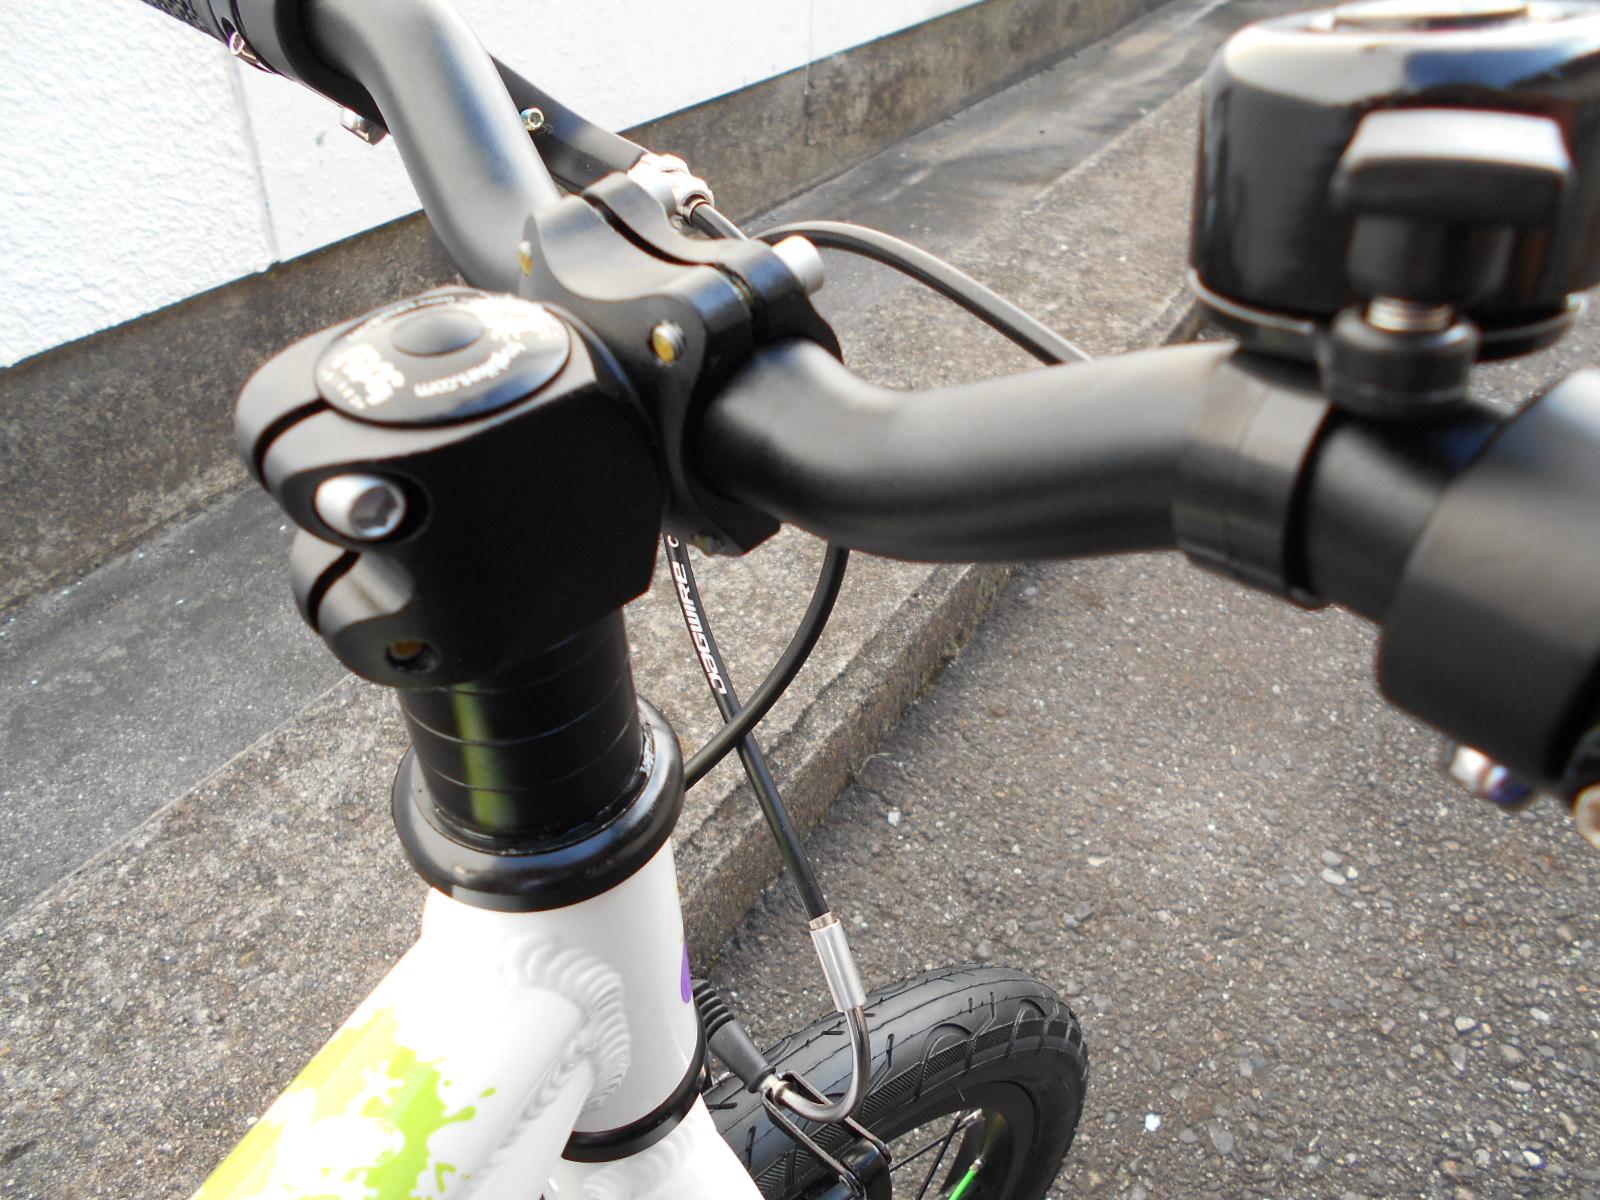 FROG bikesの取り扱いを始めました_b0189682_1118172.jpg